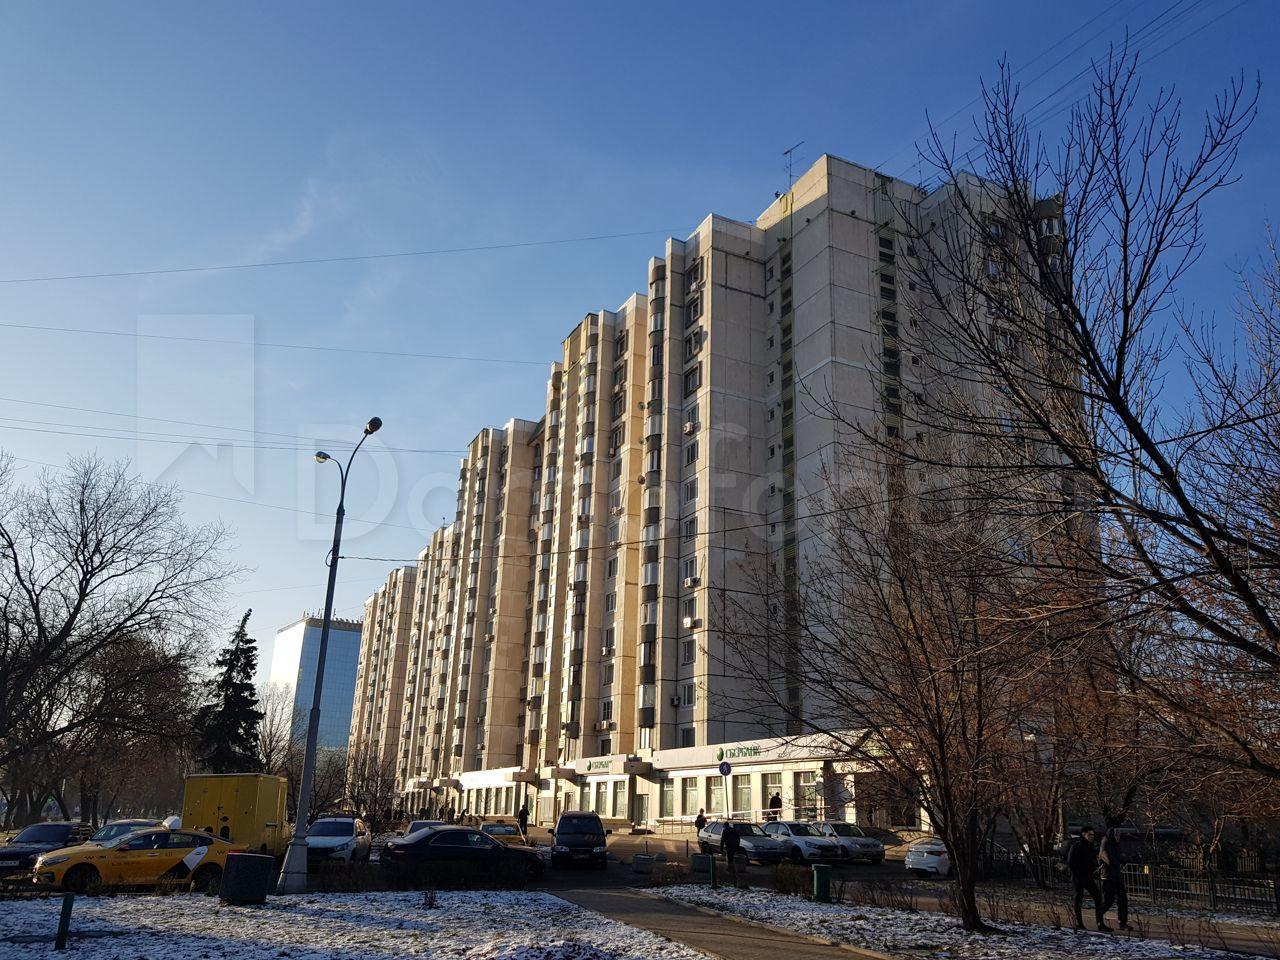 Квартира 4-комн. квартира, 95 м², 4/14 эт. Москва